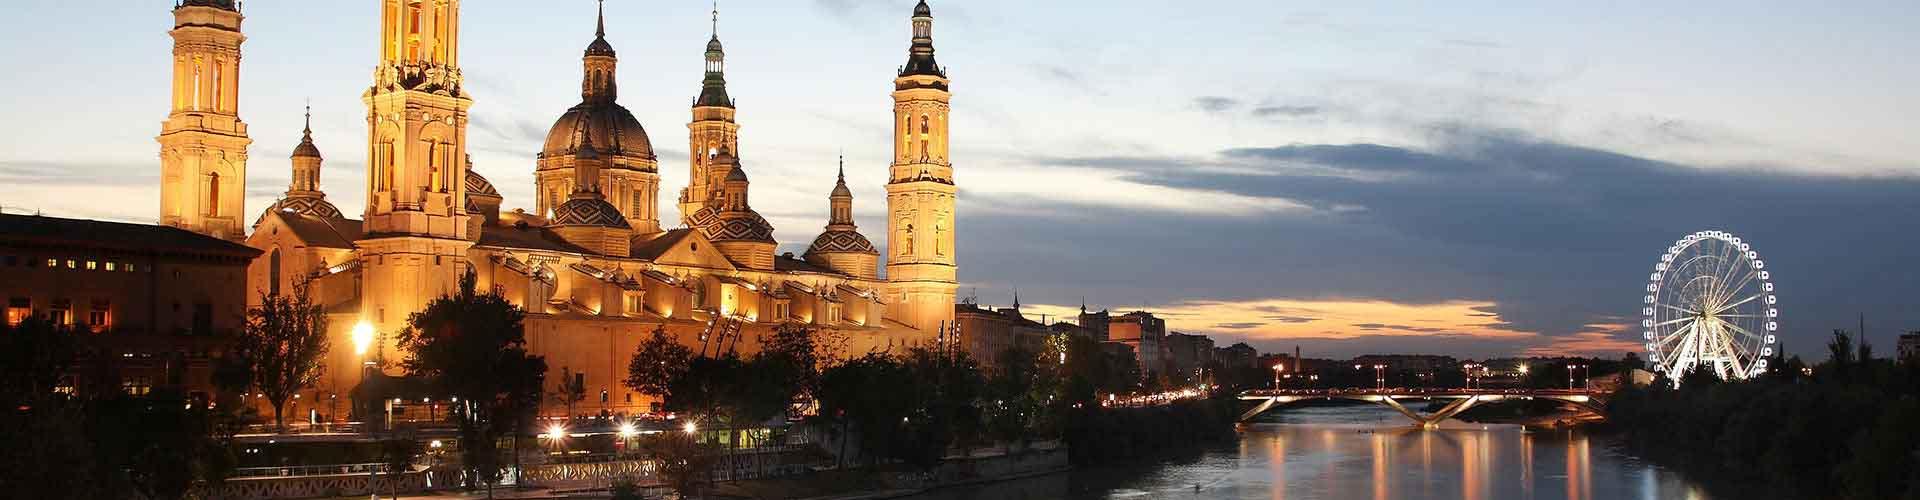 Zaragoza - Hostales en el distrito Universidad. Mapas de Zaragoza, Fotos y comentarios de cada hostal en Zaragoza.